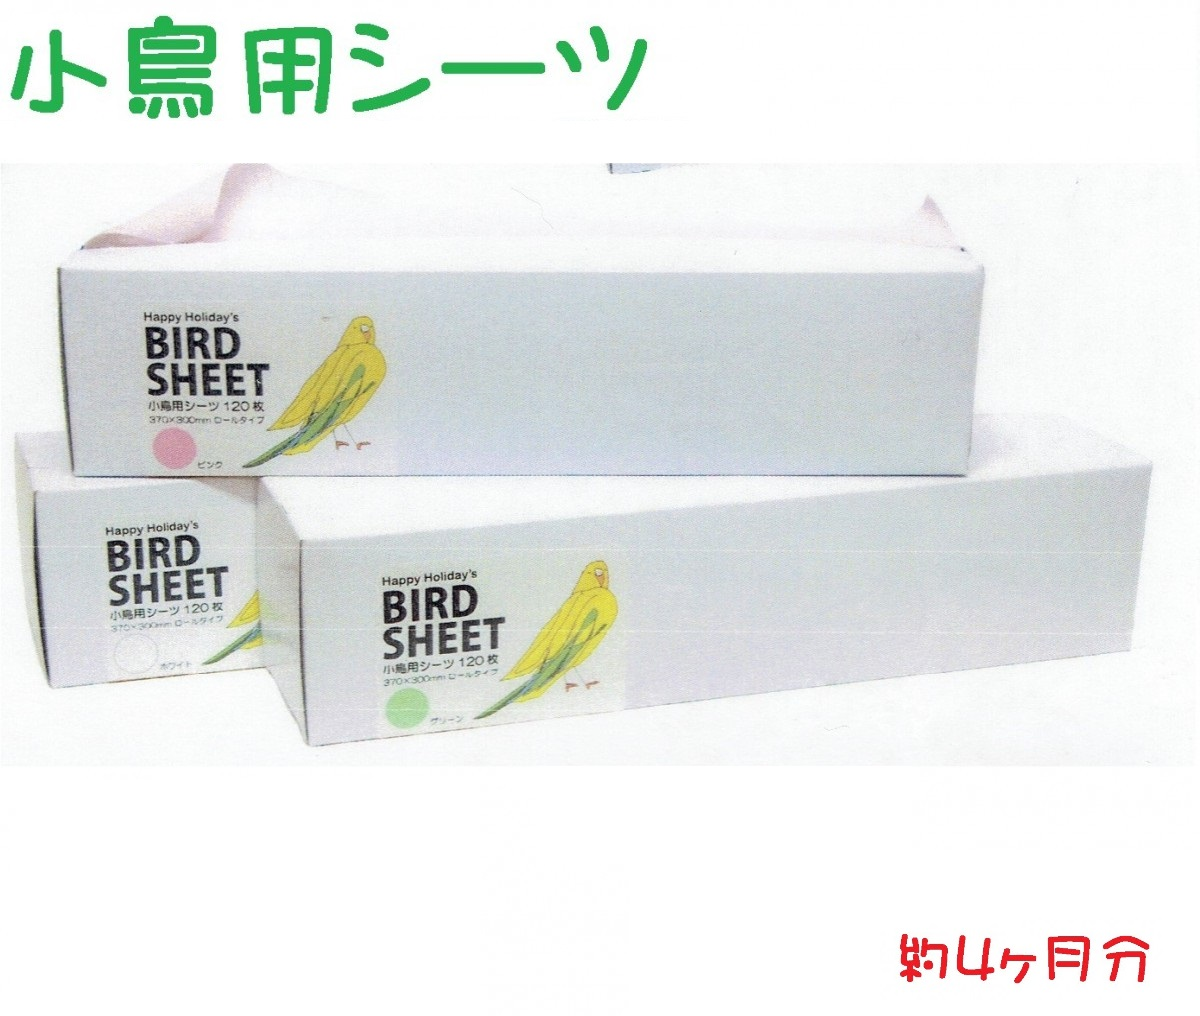 送料無料 小鳥用鳥かごシーツ 最安値 お洒落 ピンク